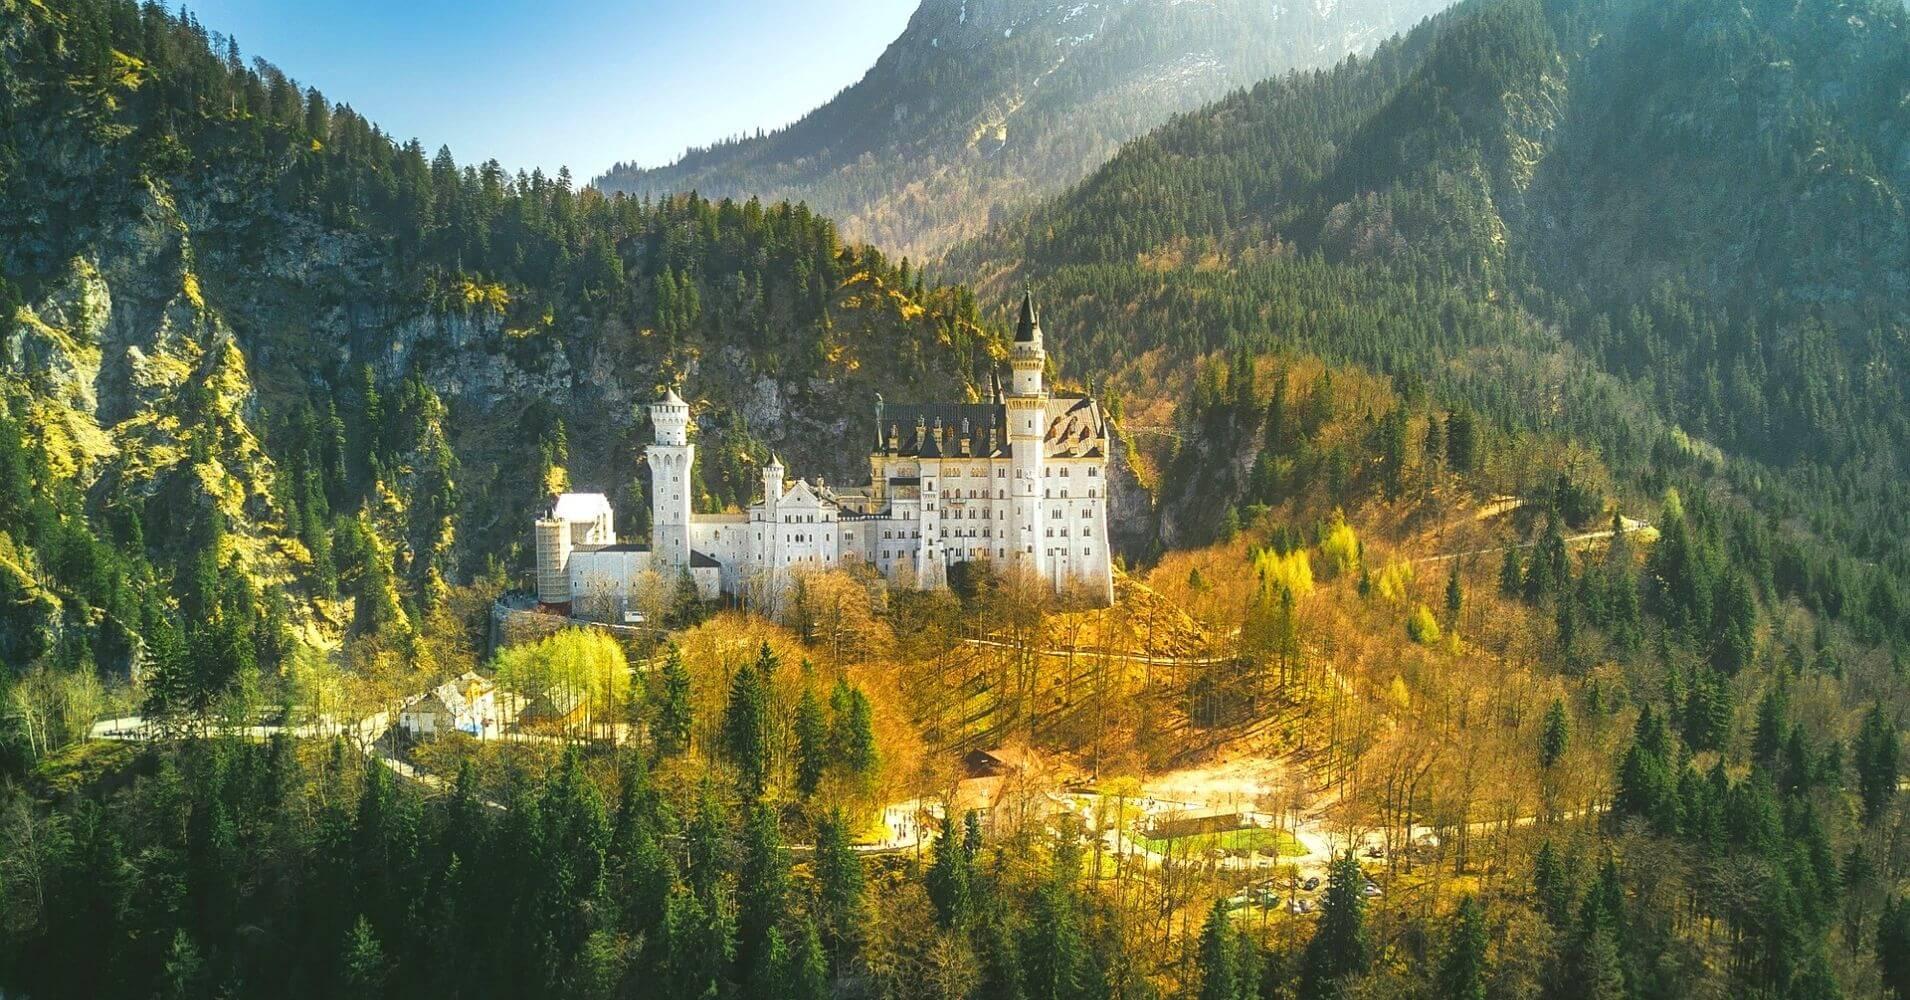 Morada del Rey Loco en Baviera. Alemania.